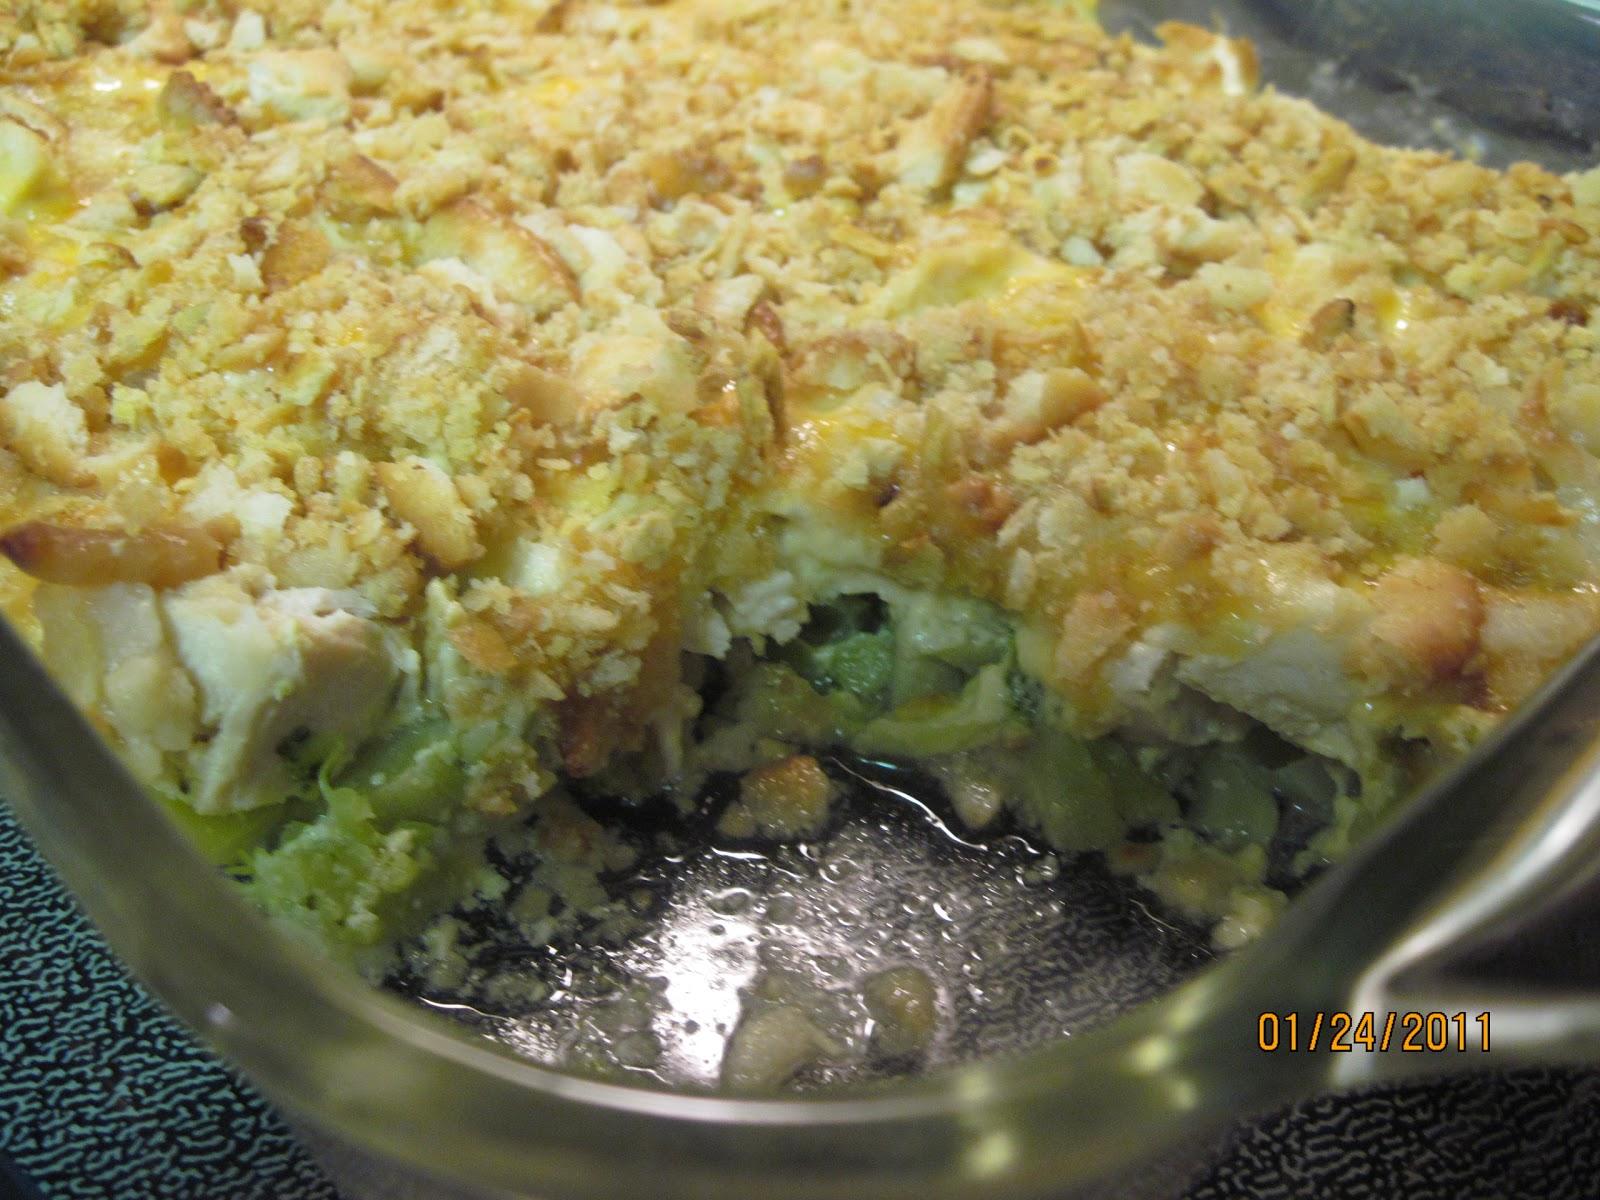 The Better Baker: Chicken Broccoli Casserole